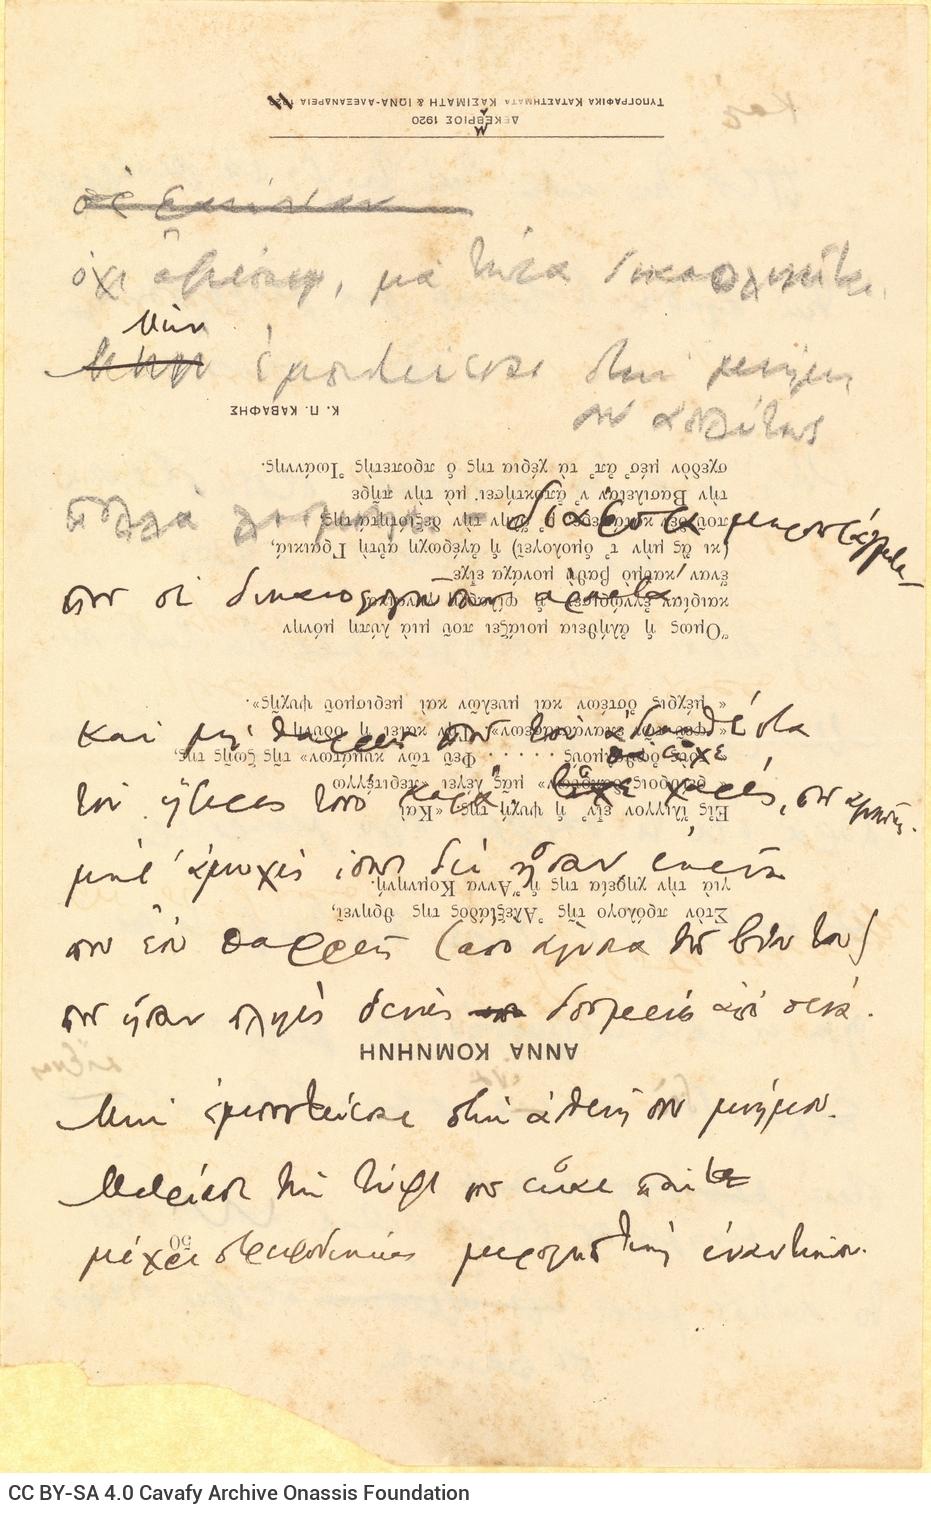 Χειρόγραφο σχεδίασμα του ποιήματος «Τύψις» γραμμένο με μολύβι και